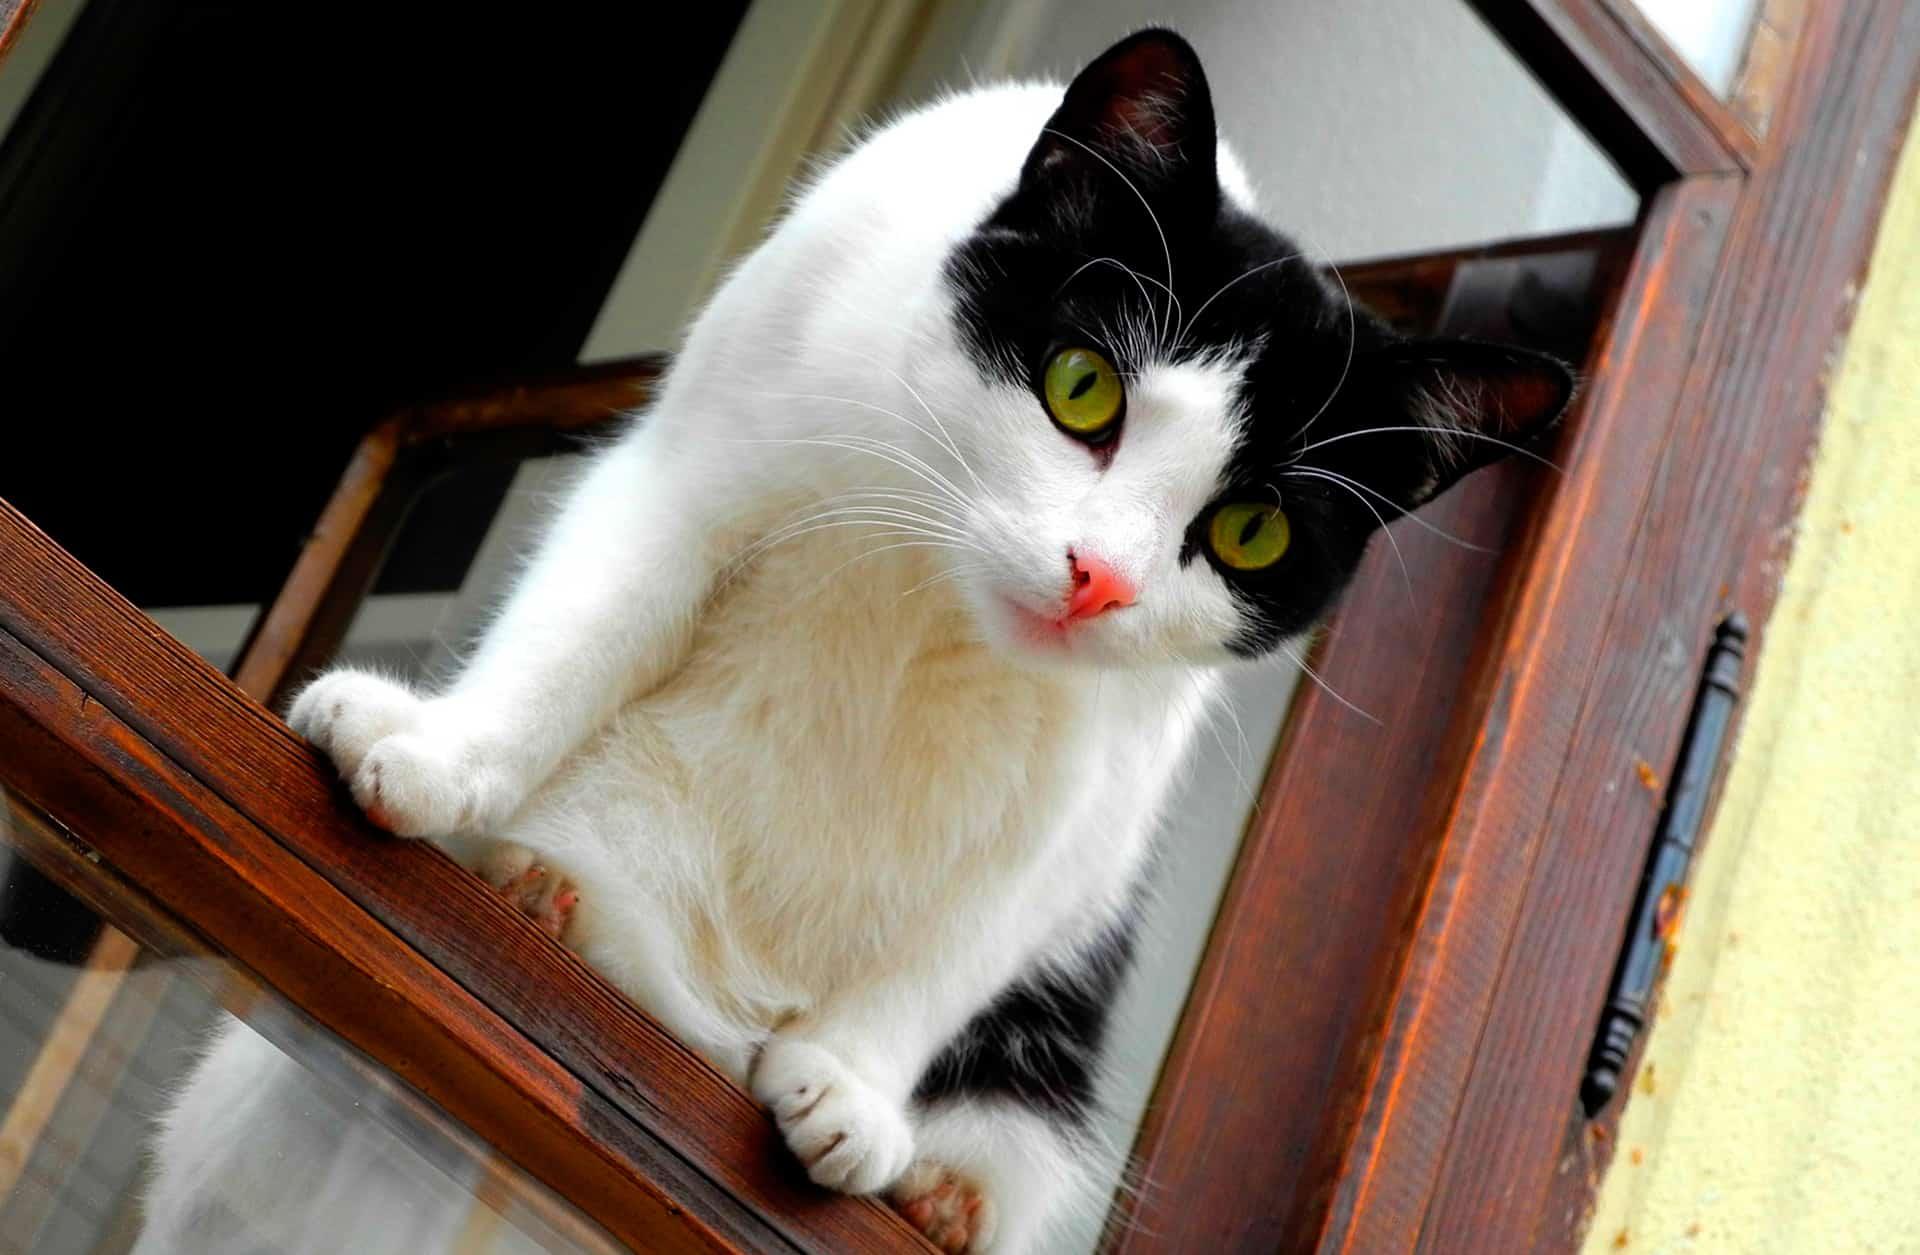 Ventanas abiertas, gatos en riesgo - Veterinarium